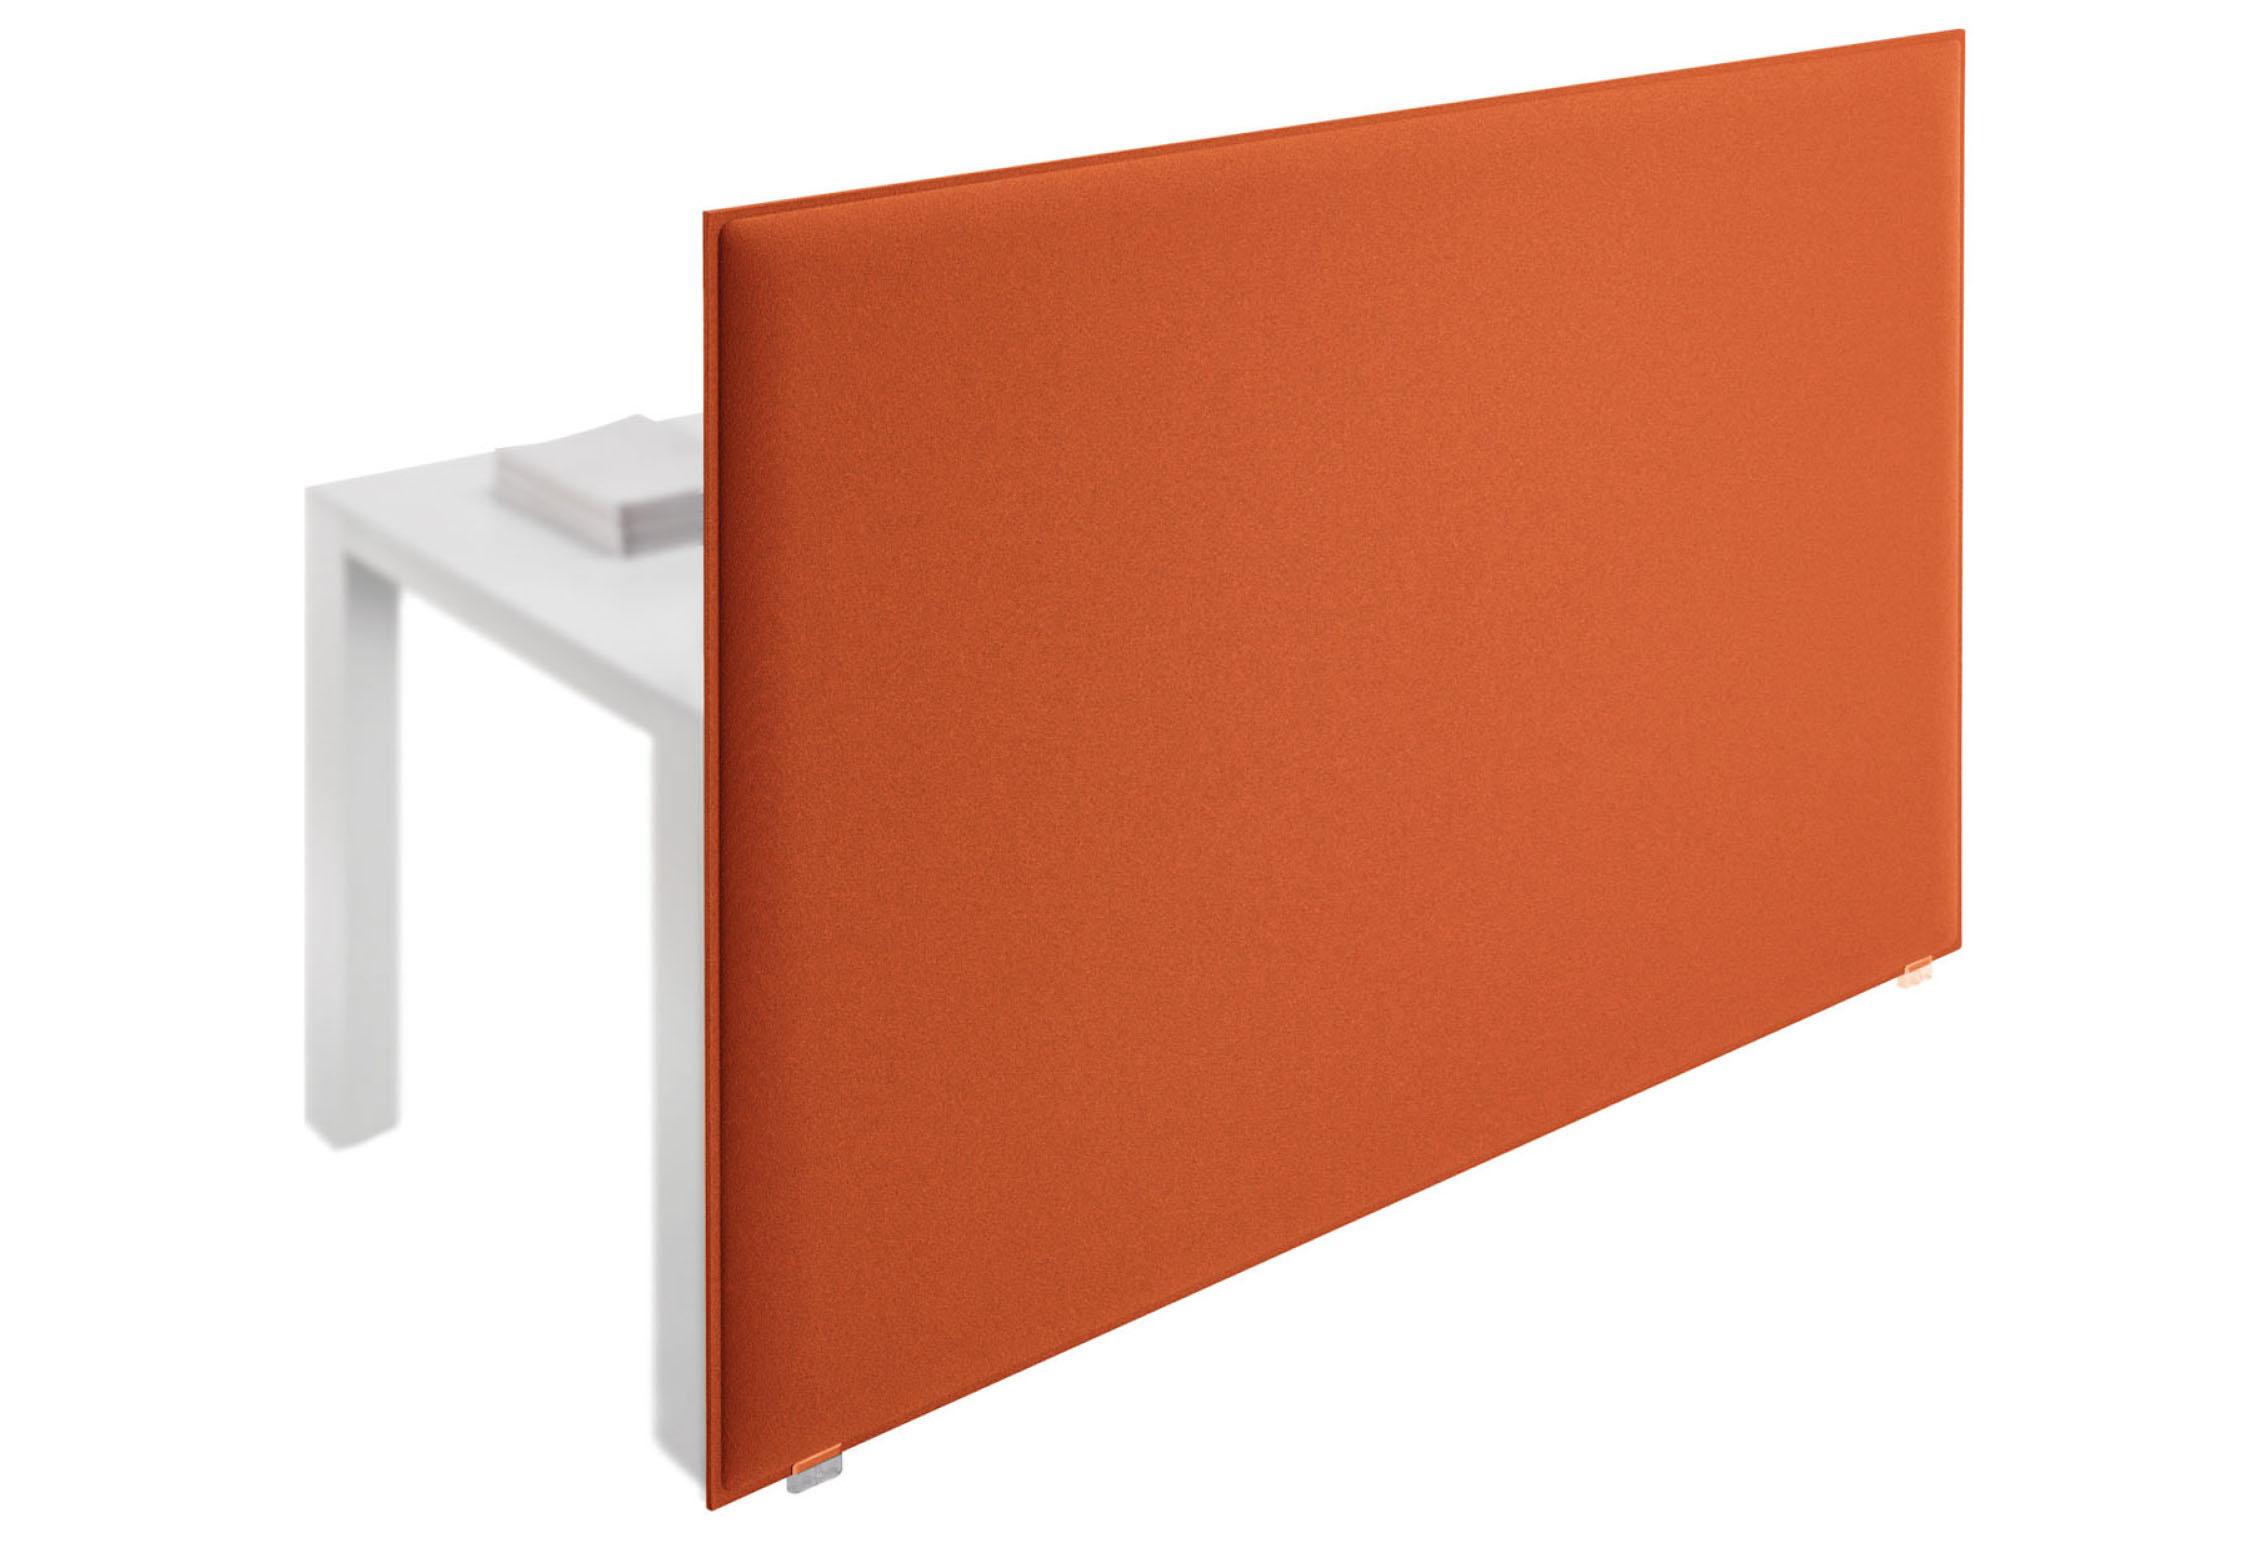 Caimi Oversize Desk - Gamme de panneaux acoustiques pour bureaux